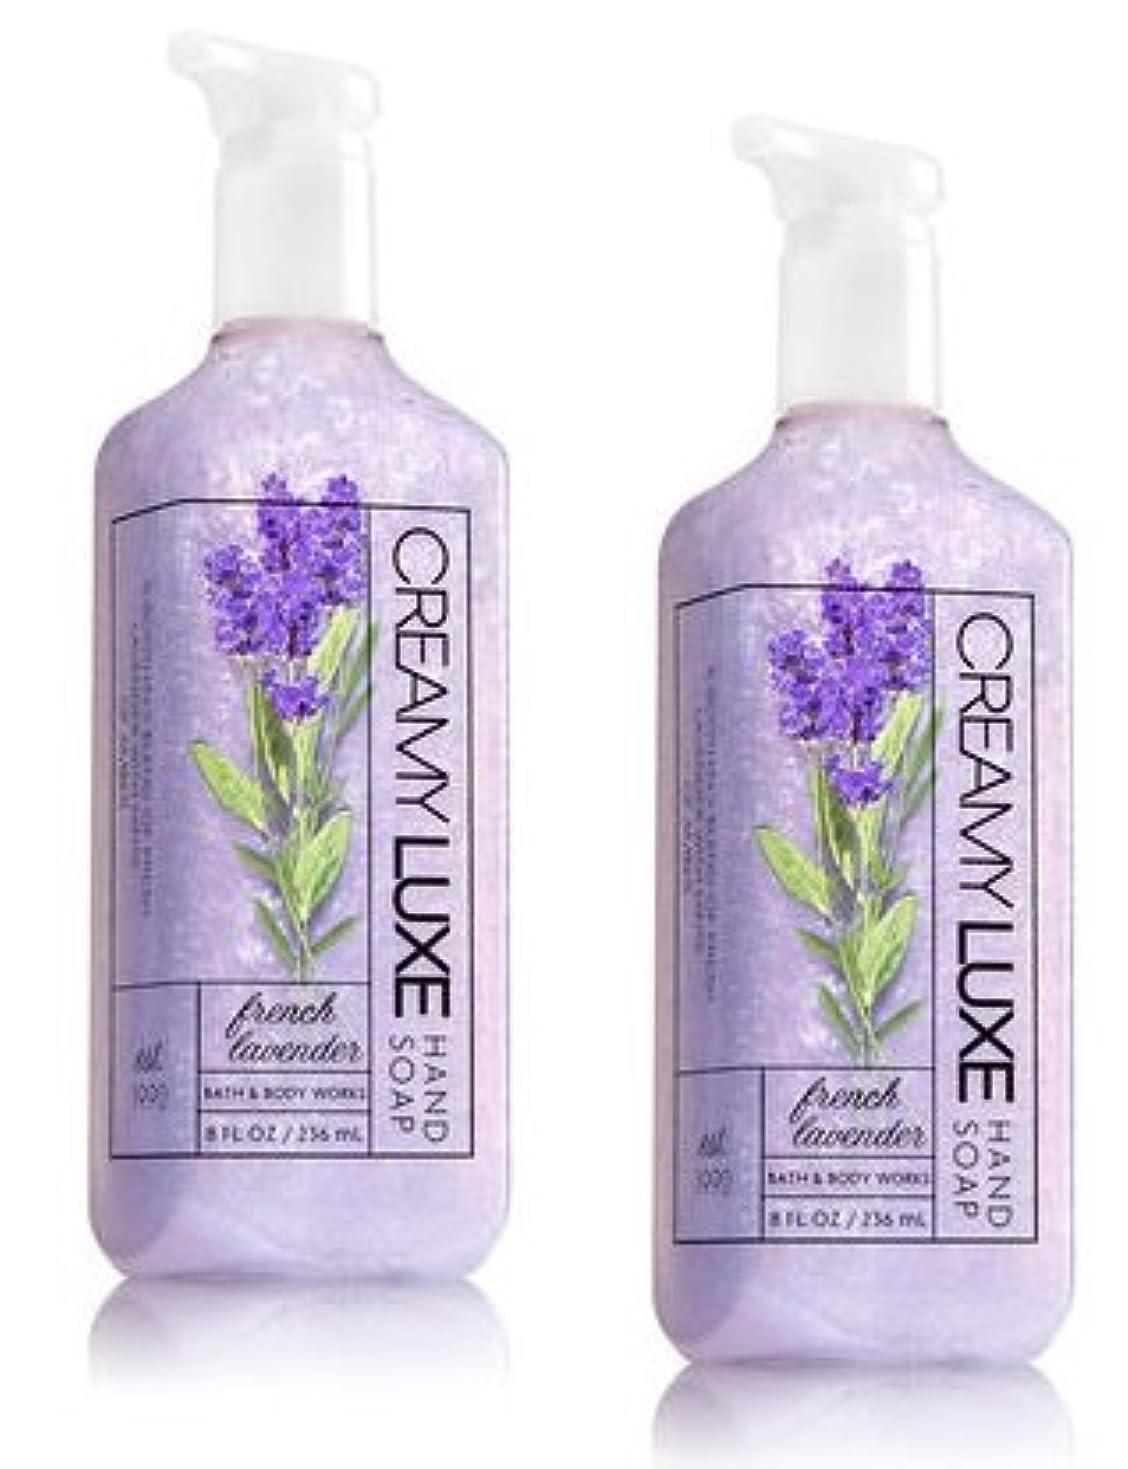 取り替えるプロテスタント経験Bath & Body Works フレンチラベンダー クリーミー リュクス ハンドソープ 2本セット French Lavender Creamy Luxe Hand Soap. 8 oz [並行輸入品]